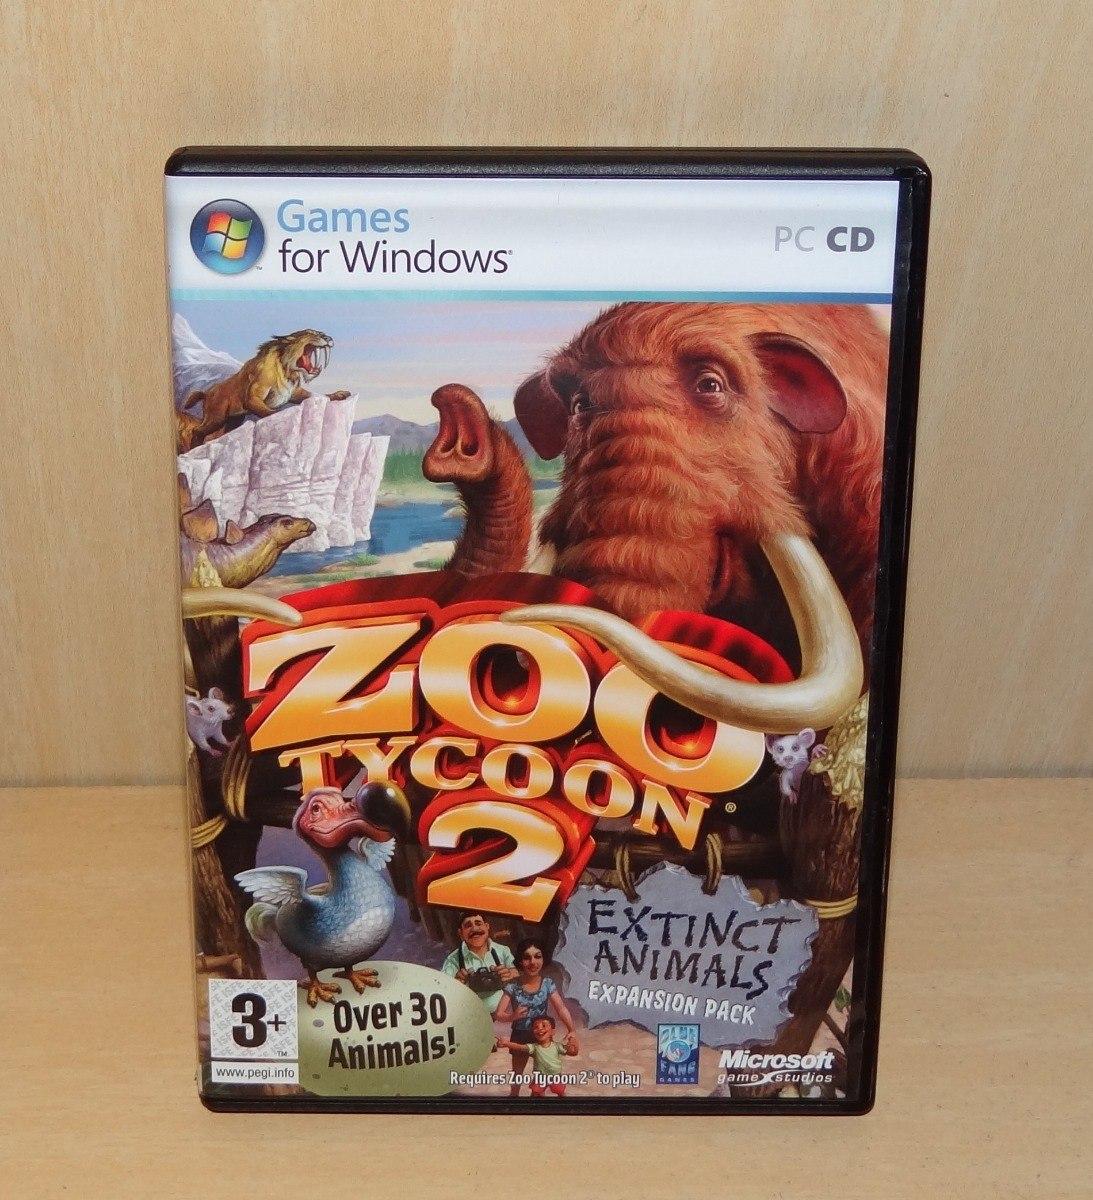 Zoo Tycoon 2 - Extinct Animals